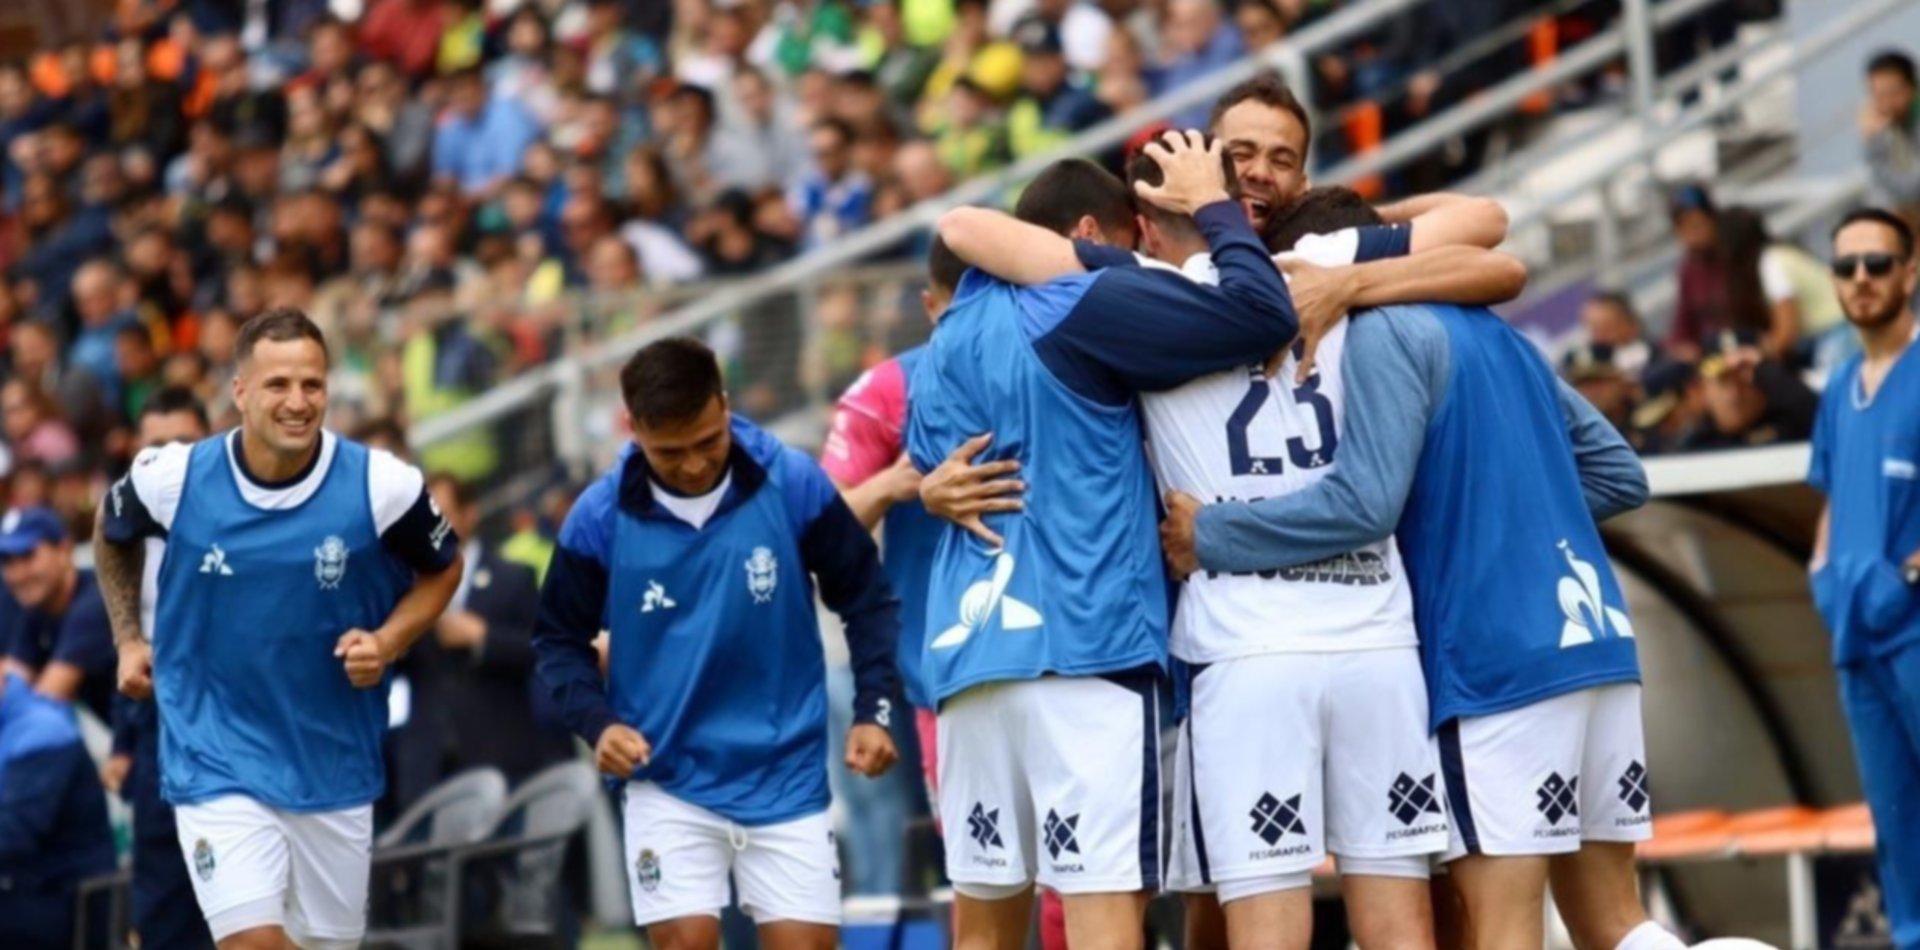 Gimnasia controla el partido y sigue ganando 2 a 0 en Mar del Plata